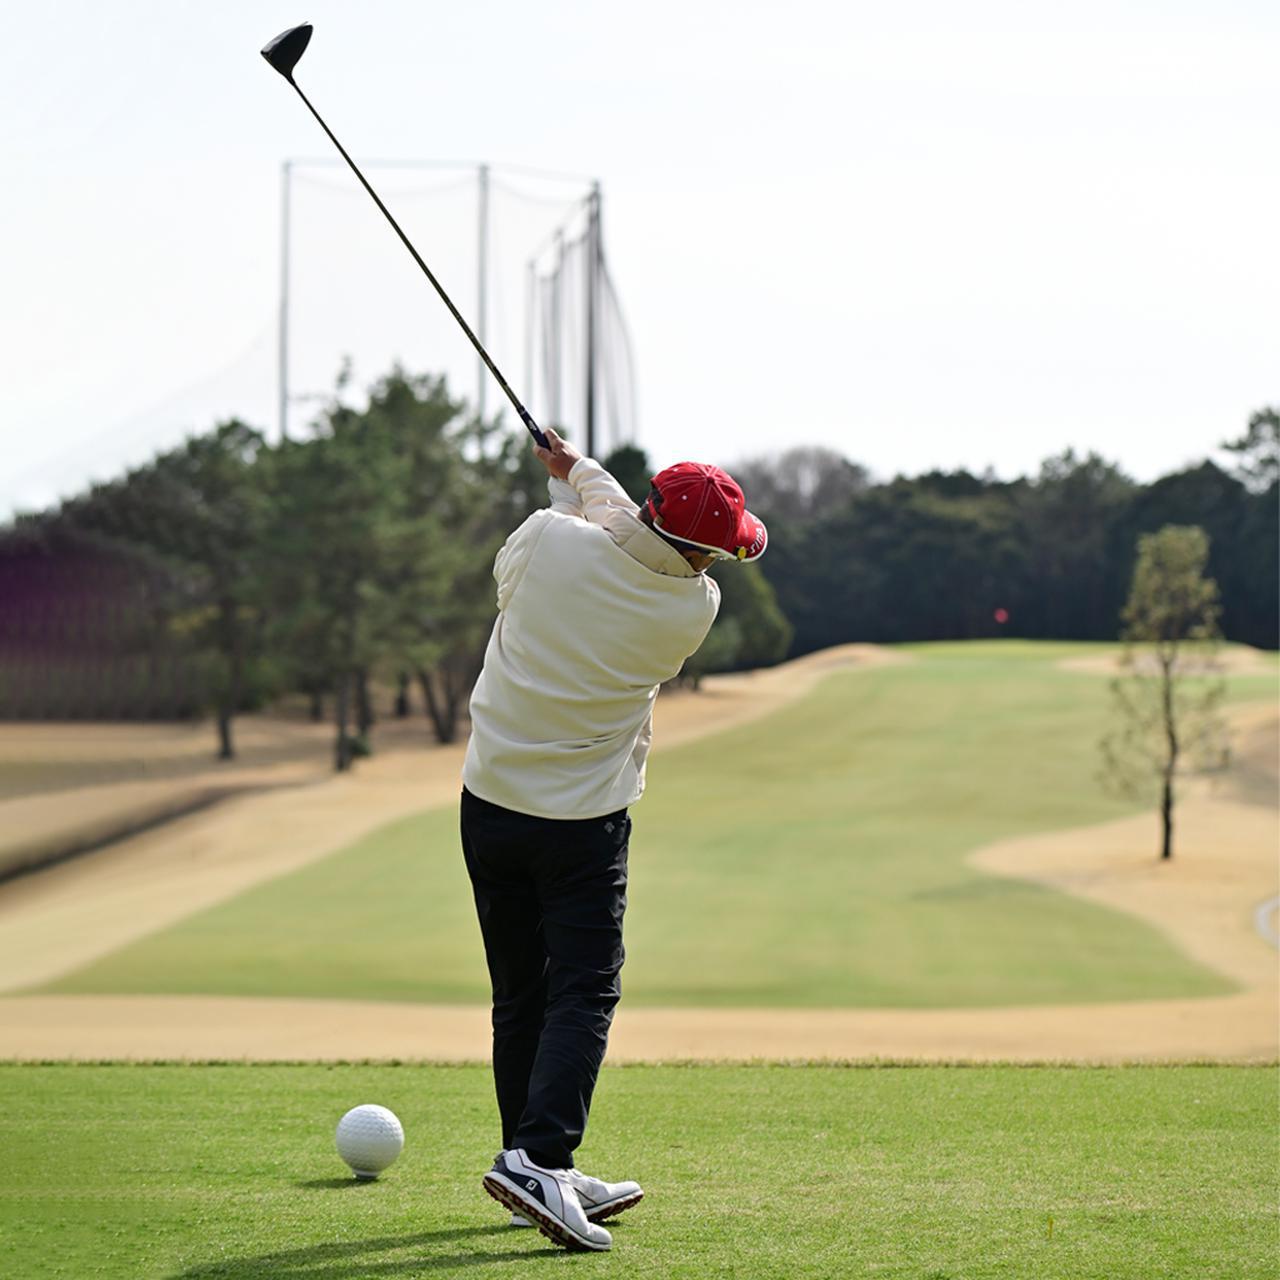 画像: 「意図的に球を曲げられたらゴルフは突然やさしくなります」(佐久間)